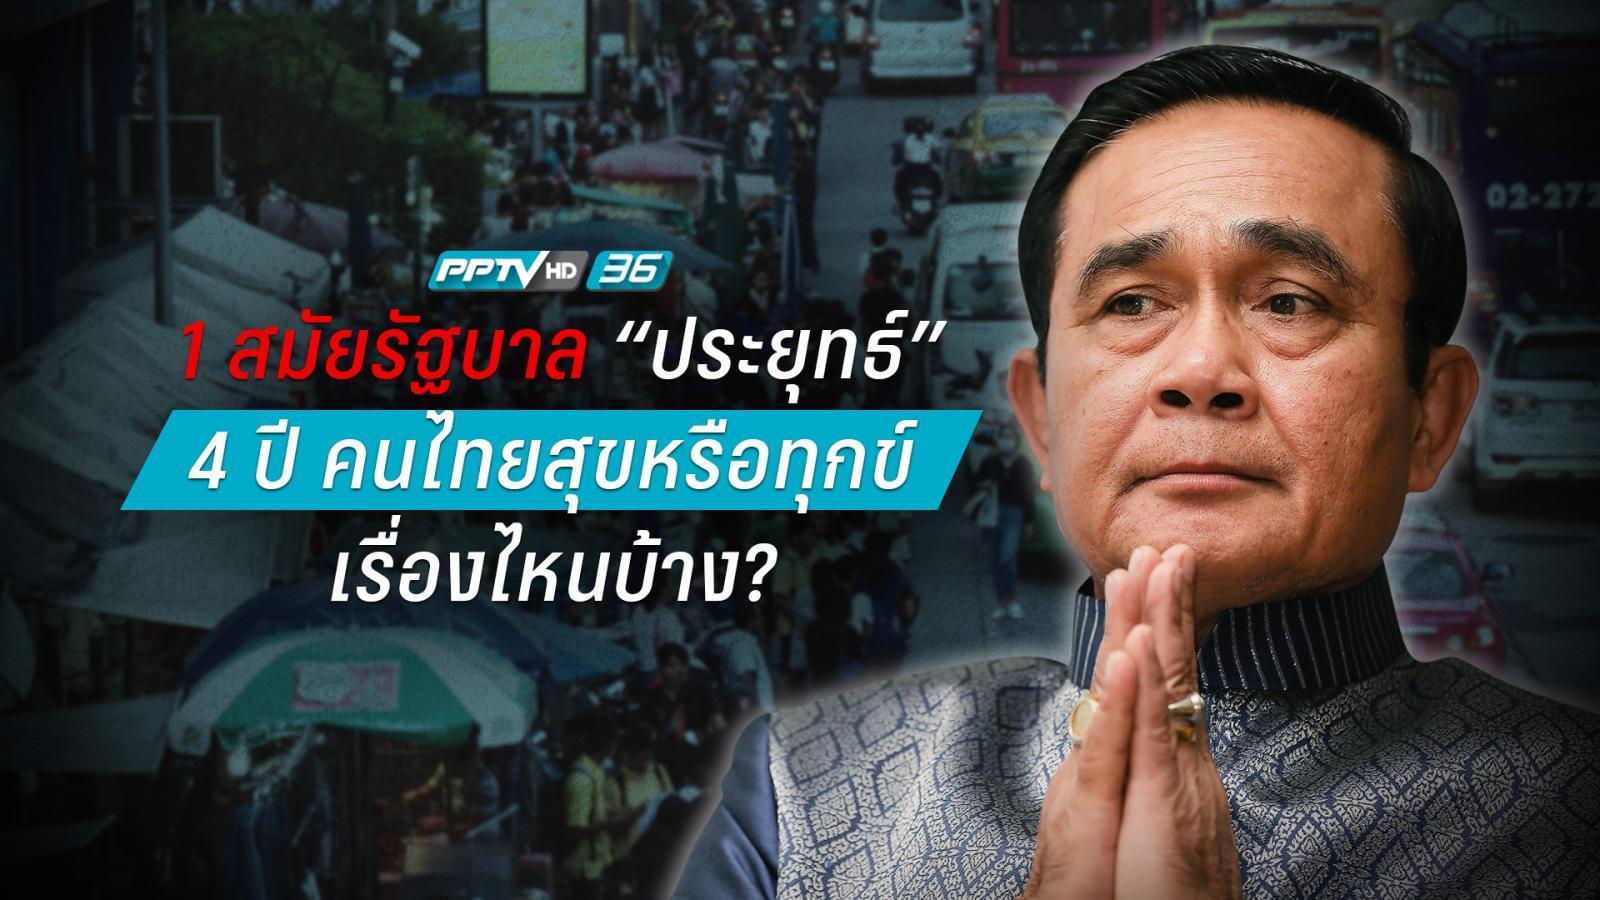 """4 ปี คสช. คนไทย """"สุขเท่าเดิม"""" แต่เรื่องเศรษฐกิจยังเป็นโจทย์ที่แก้ไม่ได้"""